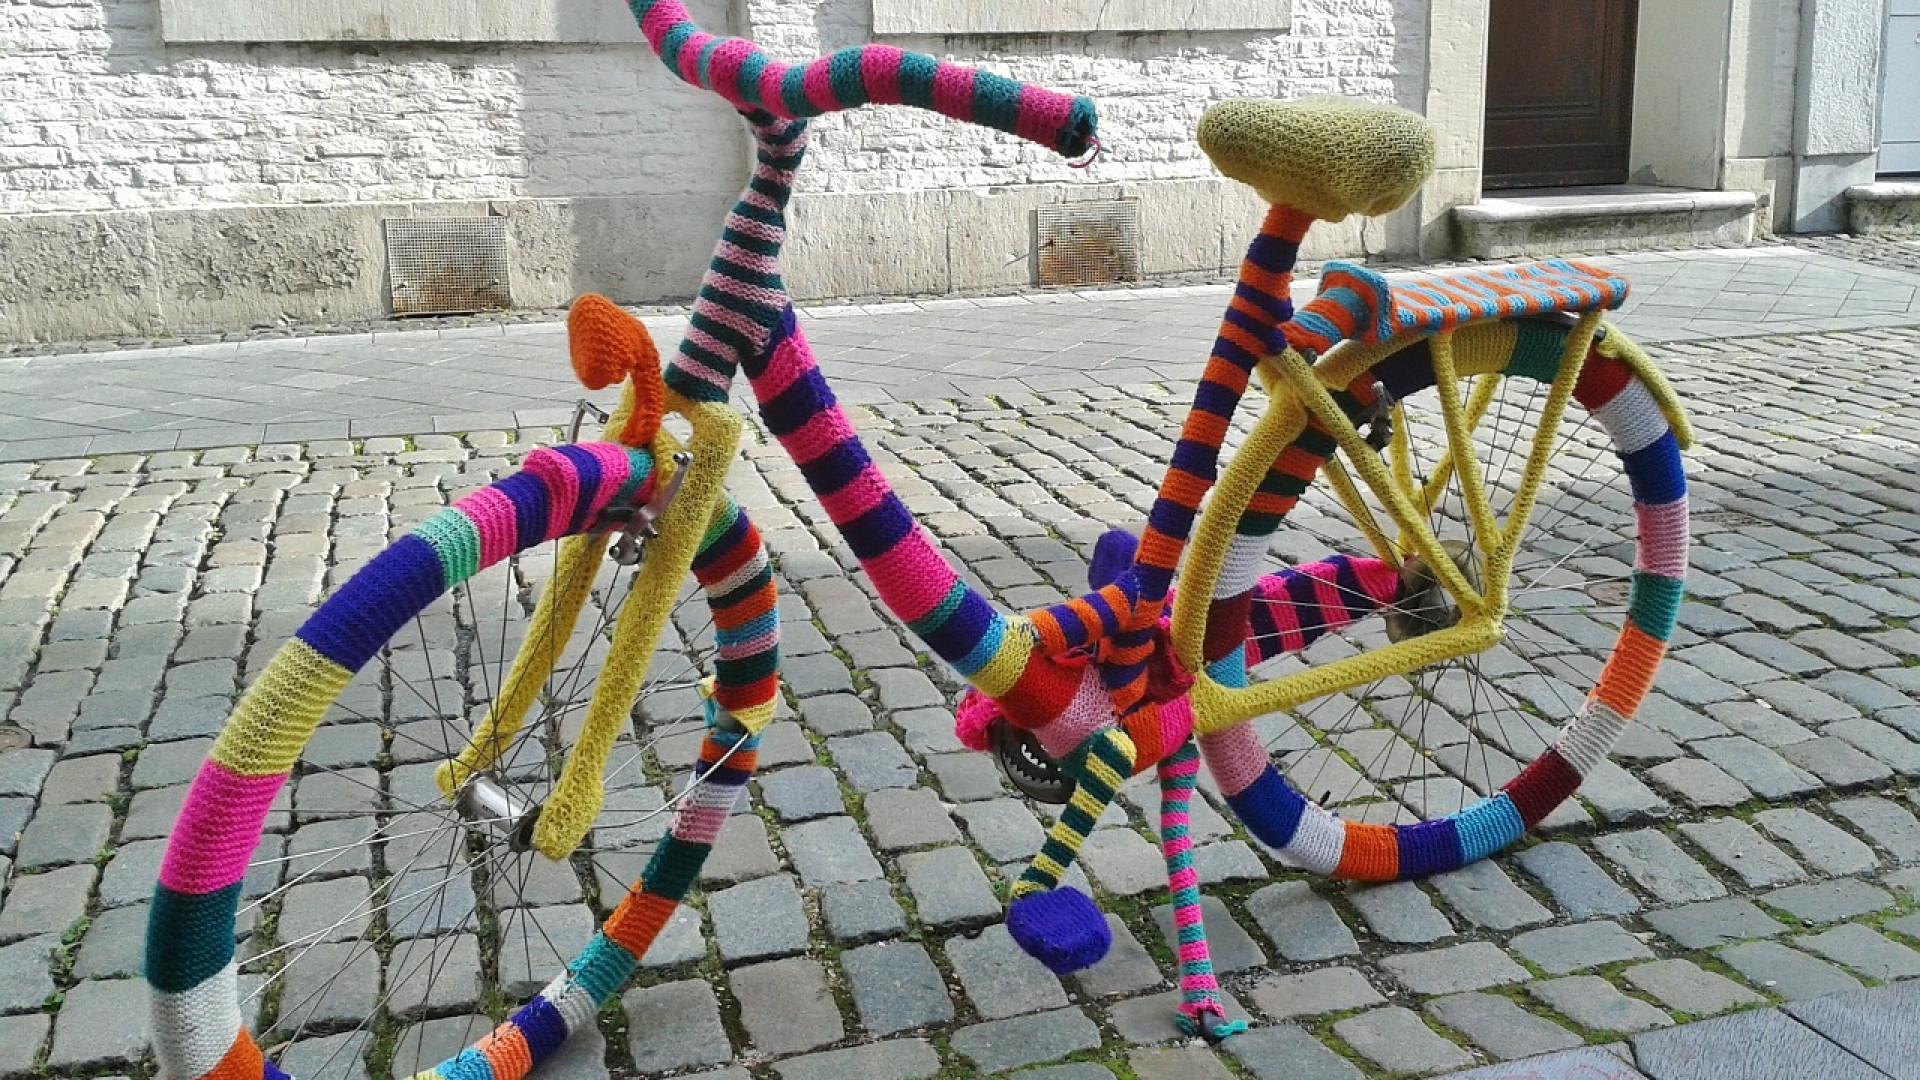 Vélo partagé : simple effet de mode?